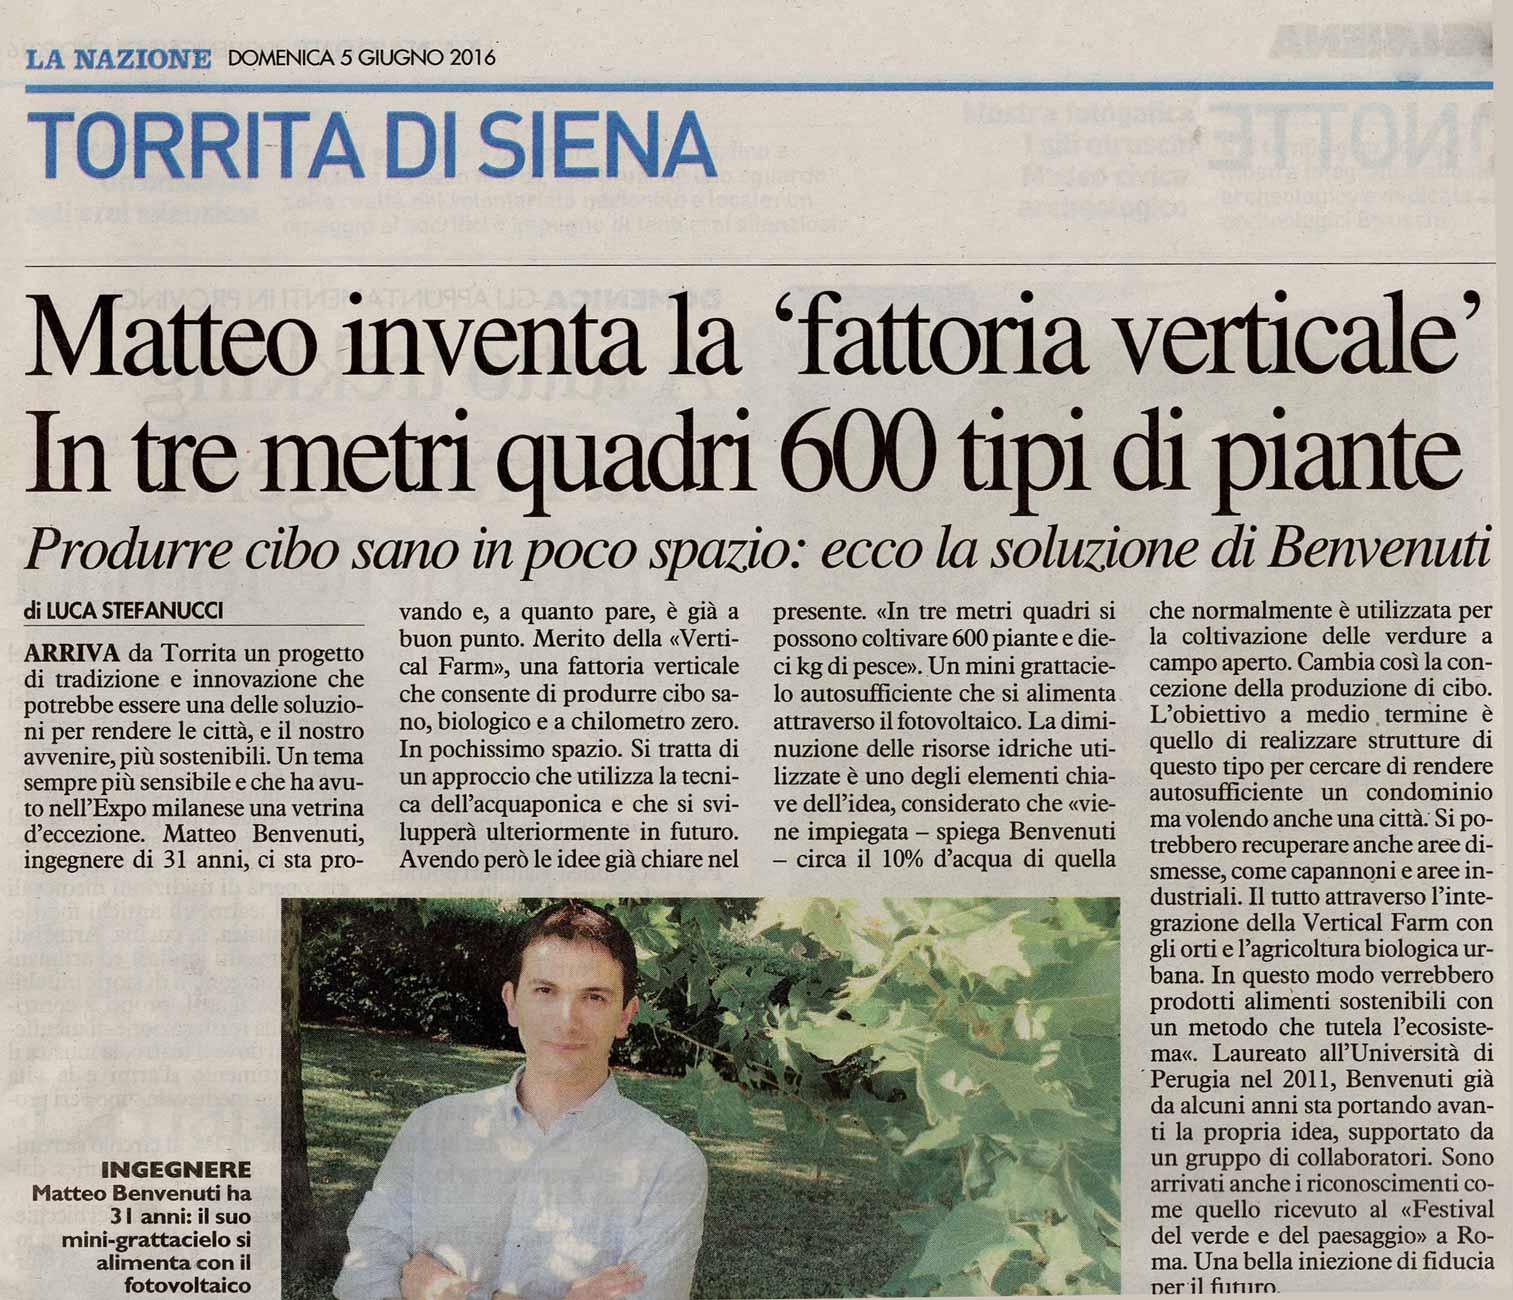 Intervista a Matteo Benvenuti - La Nazione, 2016